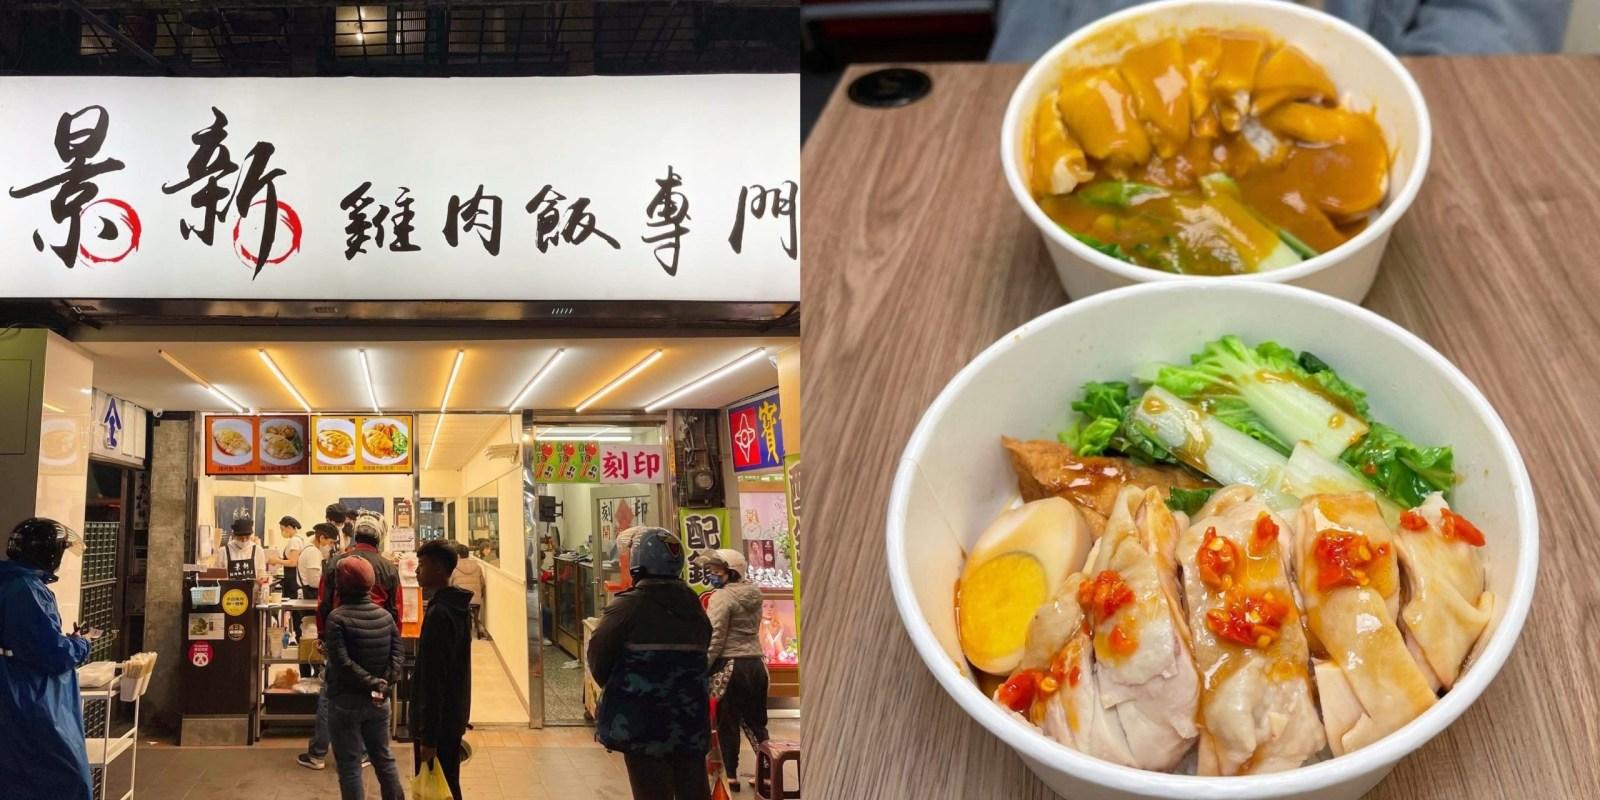 [新北美食] 景新雞肉飯專門店 - Q彈的雞肉飯居然還有賣雞肉咖哩飯啦!